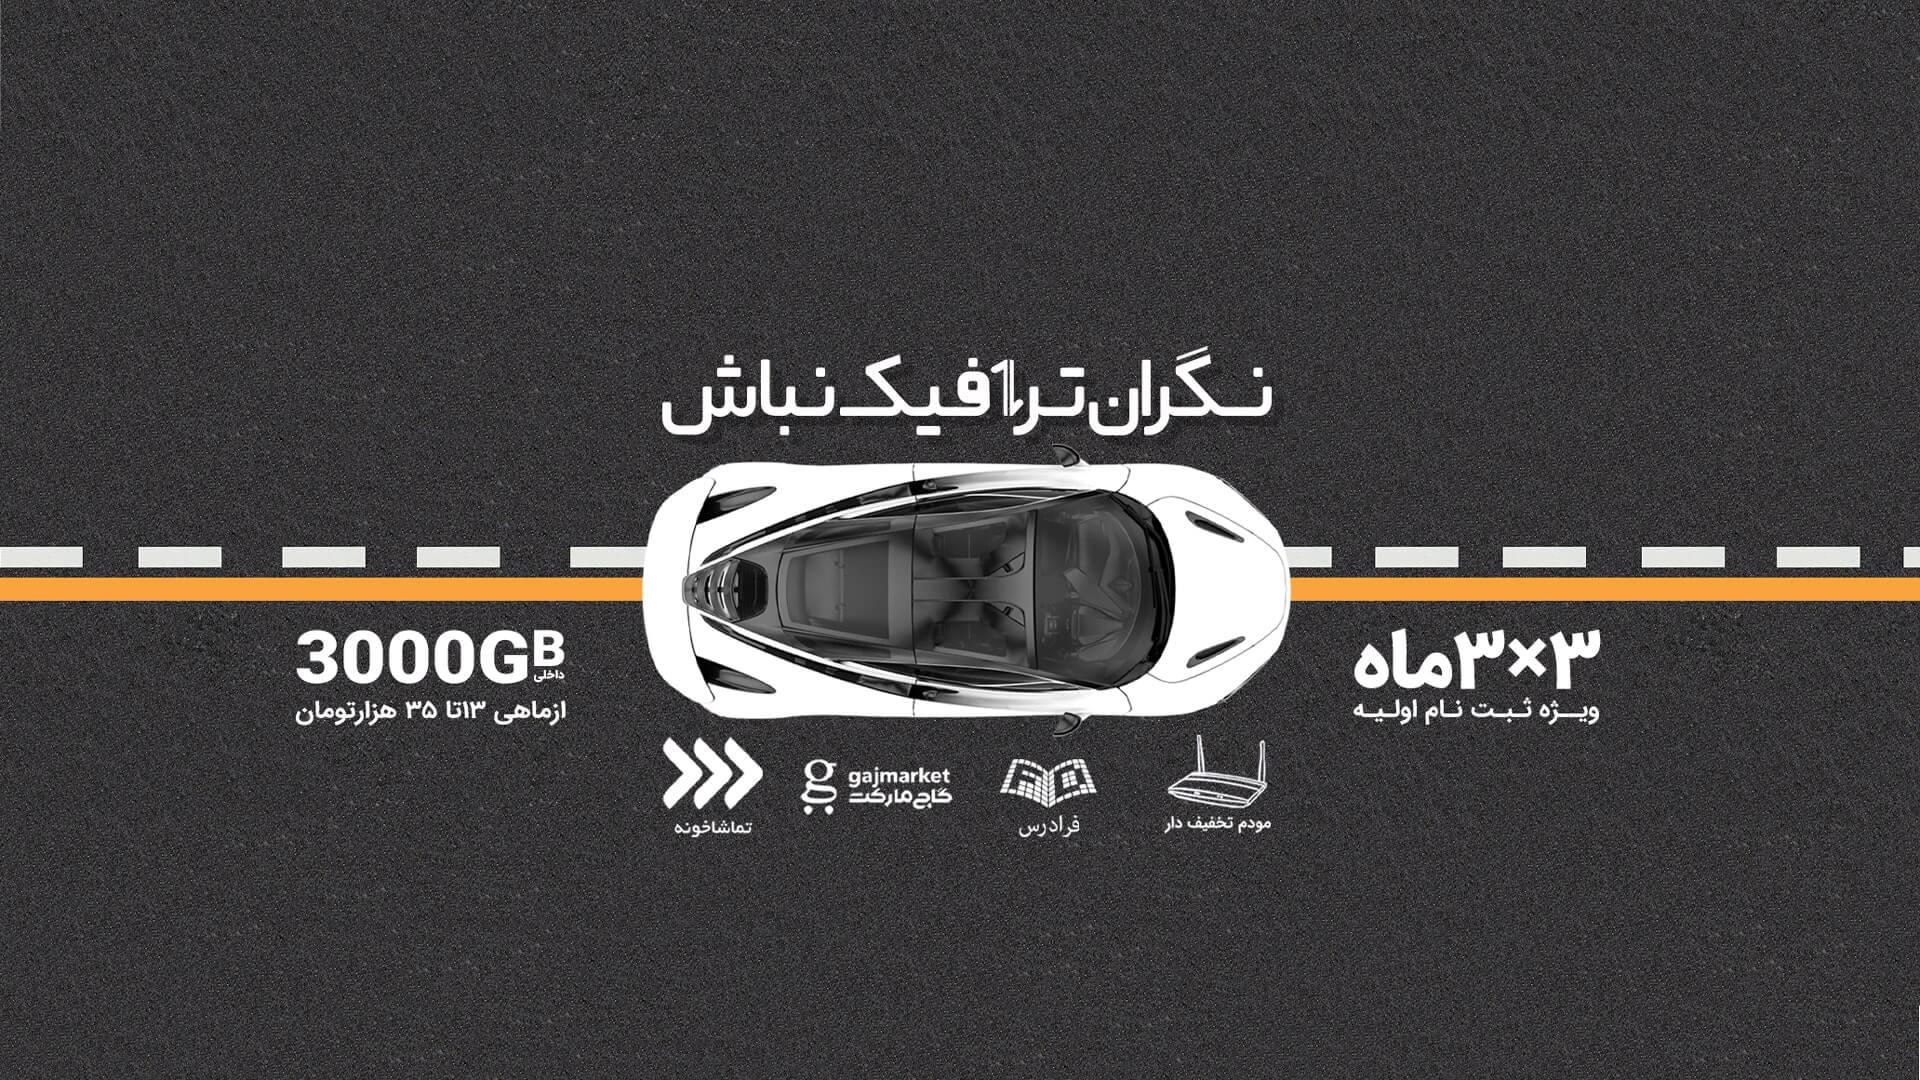 کمپین نگران ترافیک نباشید فروش اینترنت پرسرعت Adsl صفرویک